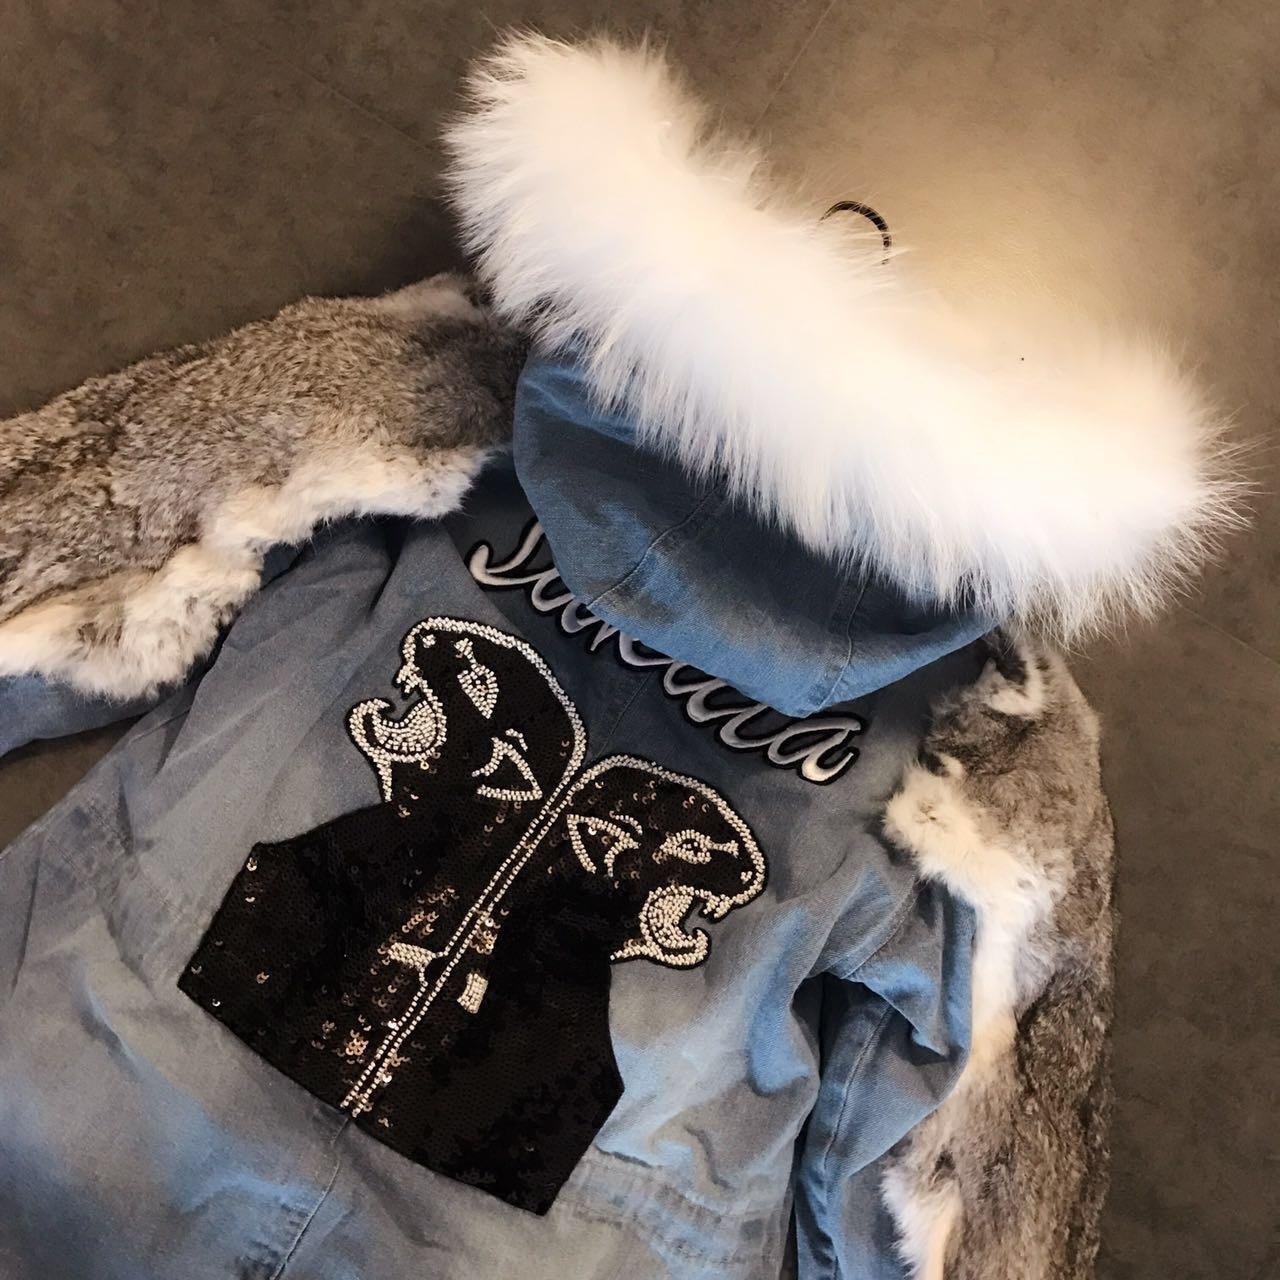 Coton À Grand 2017 Bleu Femmes Épais Dos Arrivée Patchwork De Épissage Col Dessinée Zipper Nouvelle Lapin Manteau Capuchon Long Bande Fourrure D'hiver Nouvelles wBOF1zwAqr